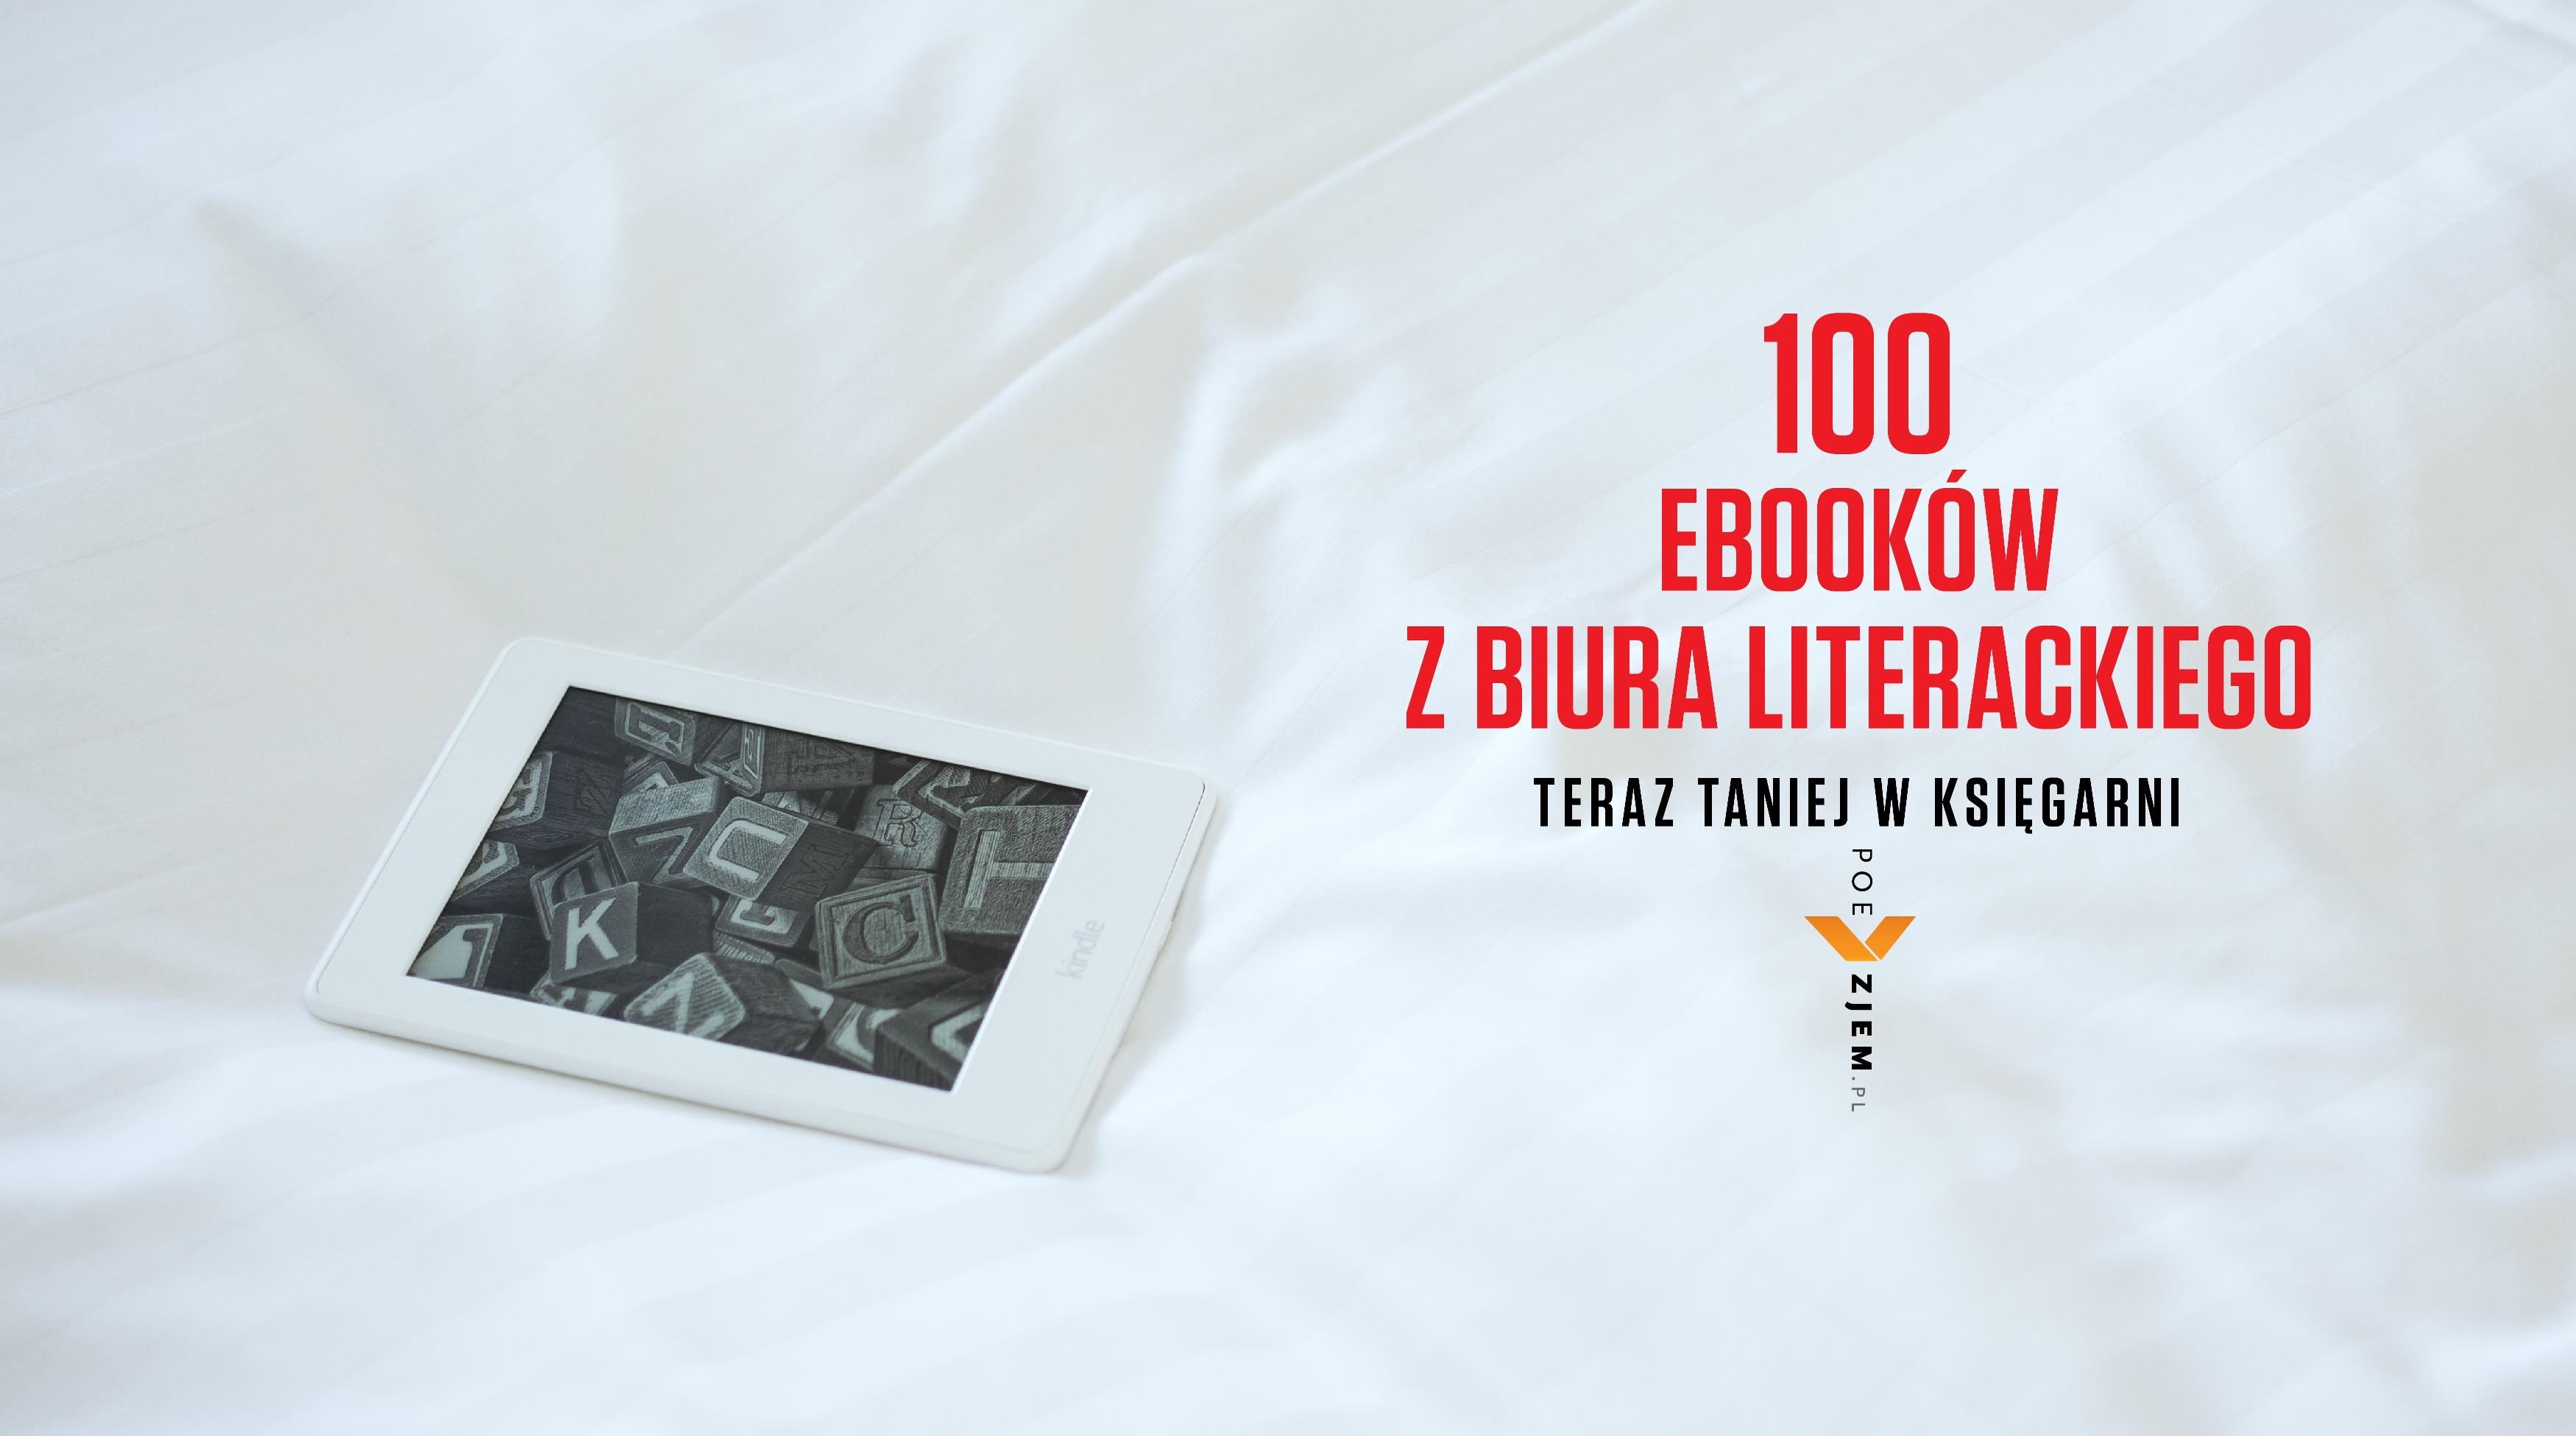 BL Info 2019.02.05 100 ebookow z Biura Literackiego__www_top